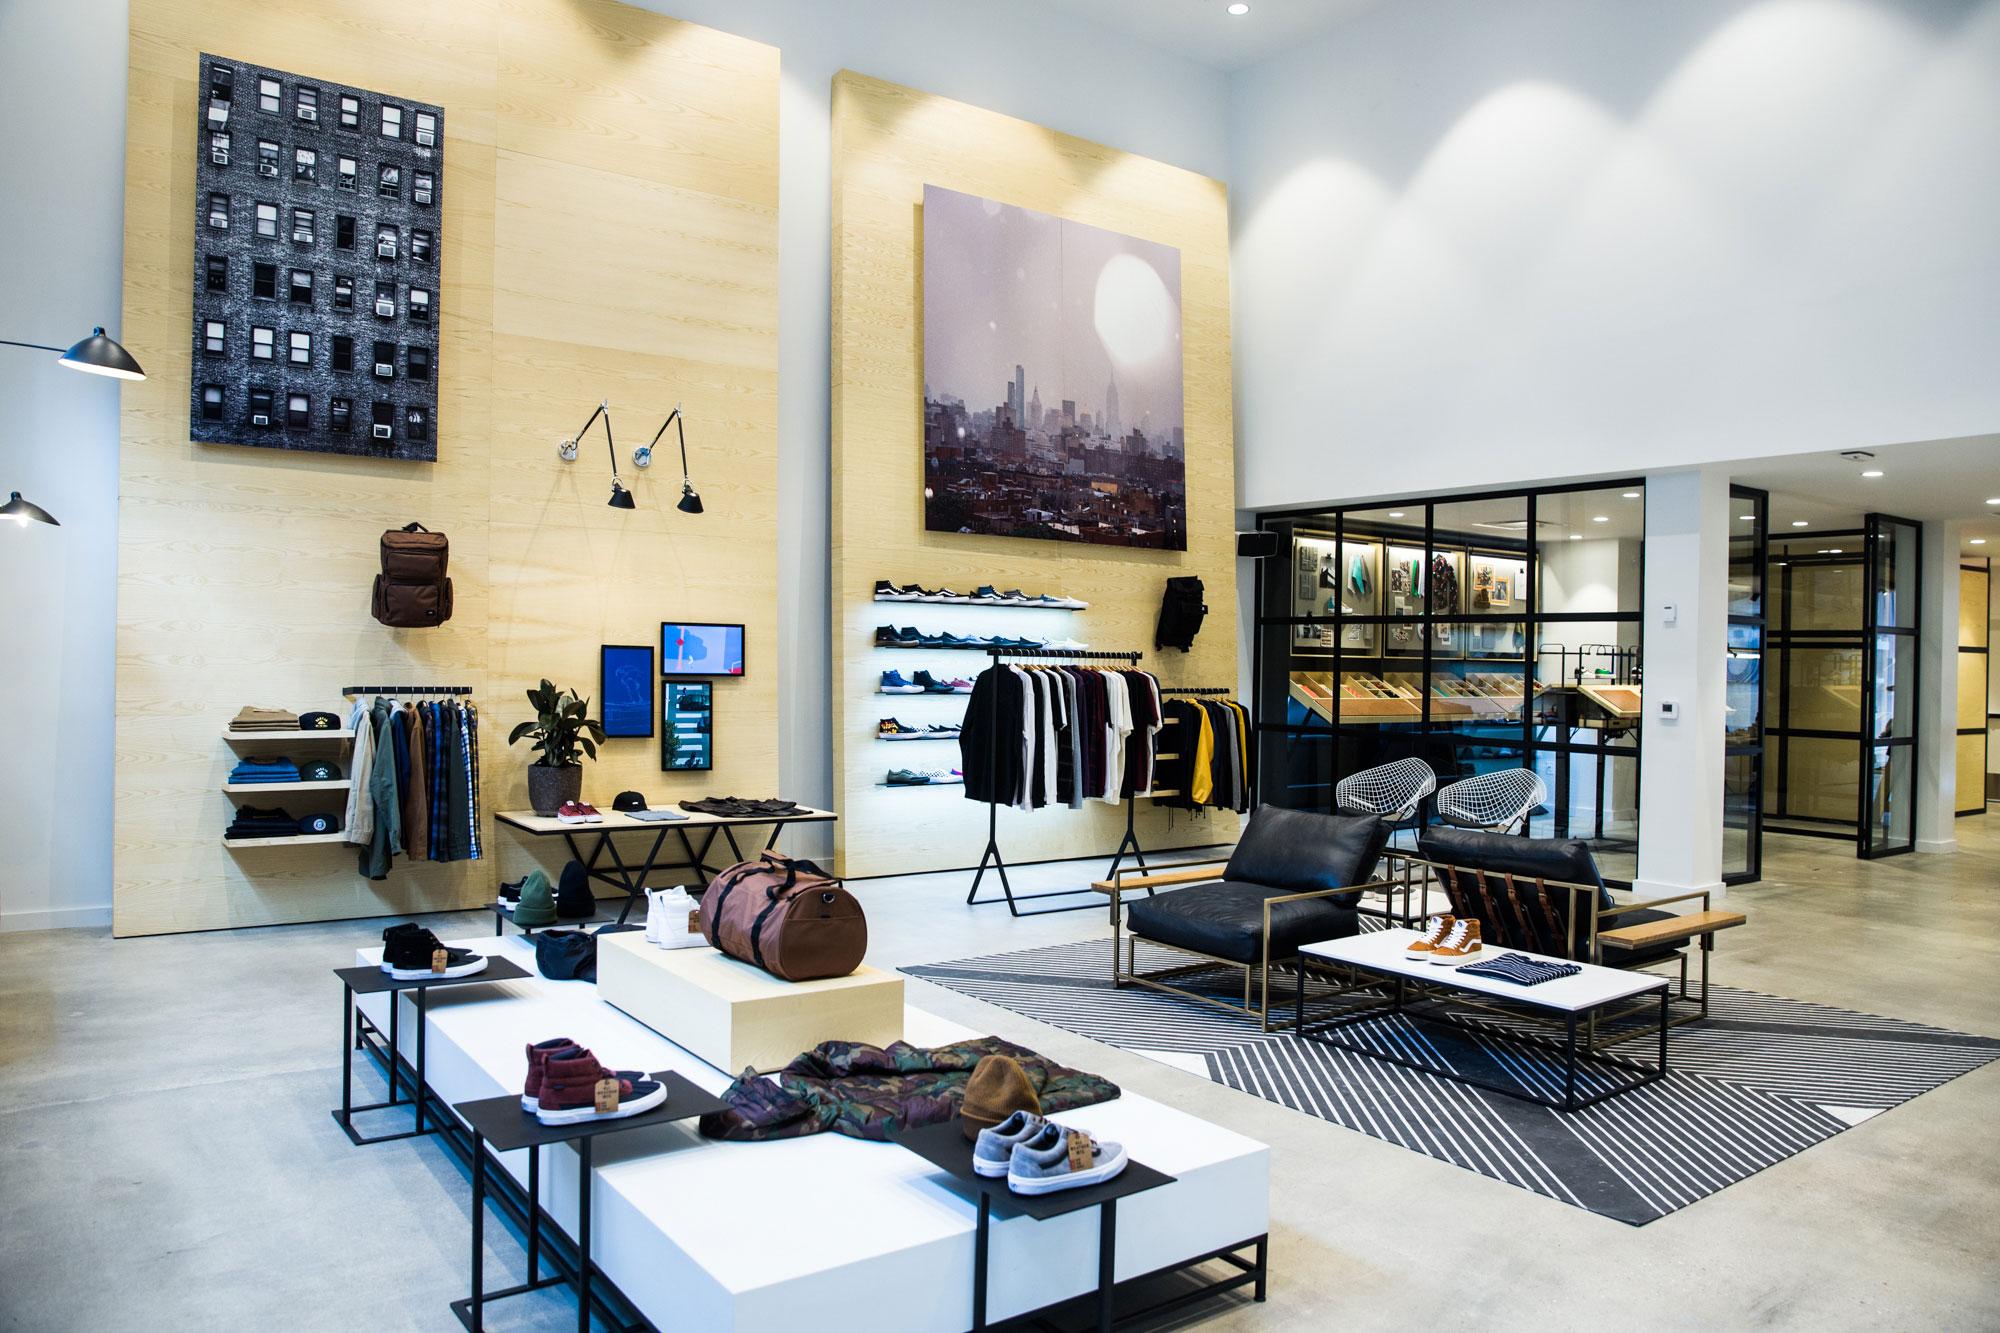 2df4276eeb Vans Opens Immersive Retail Environment in Brooklyn